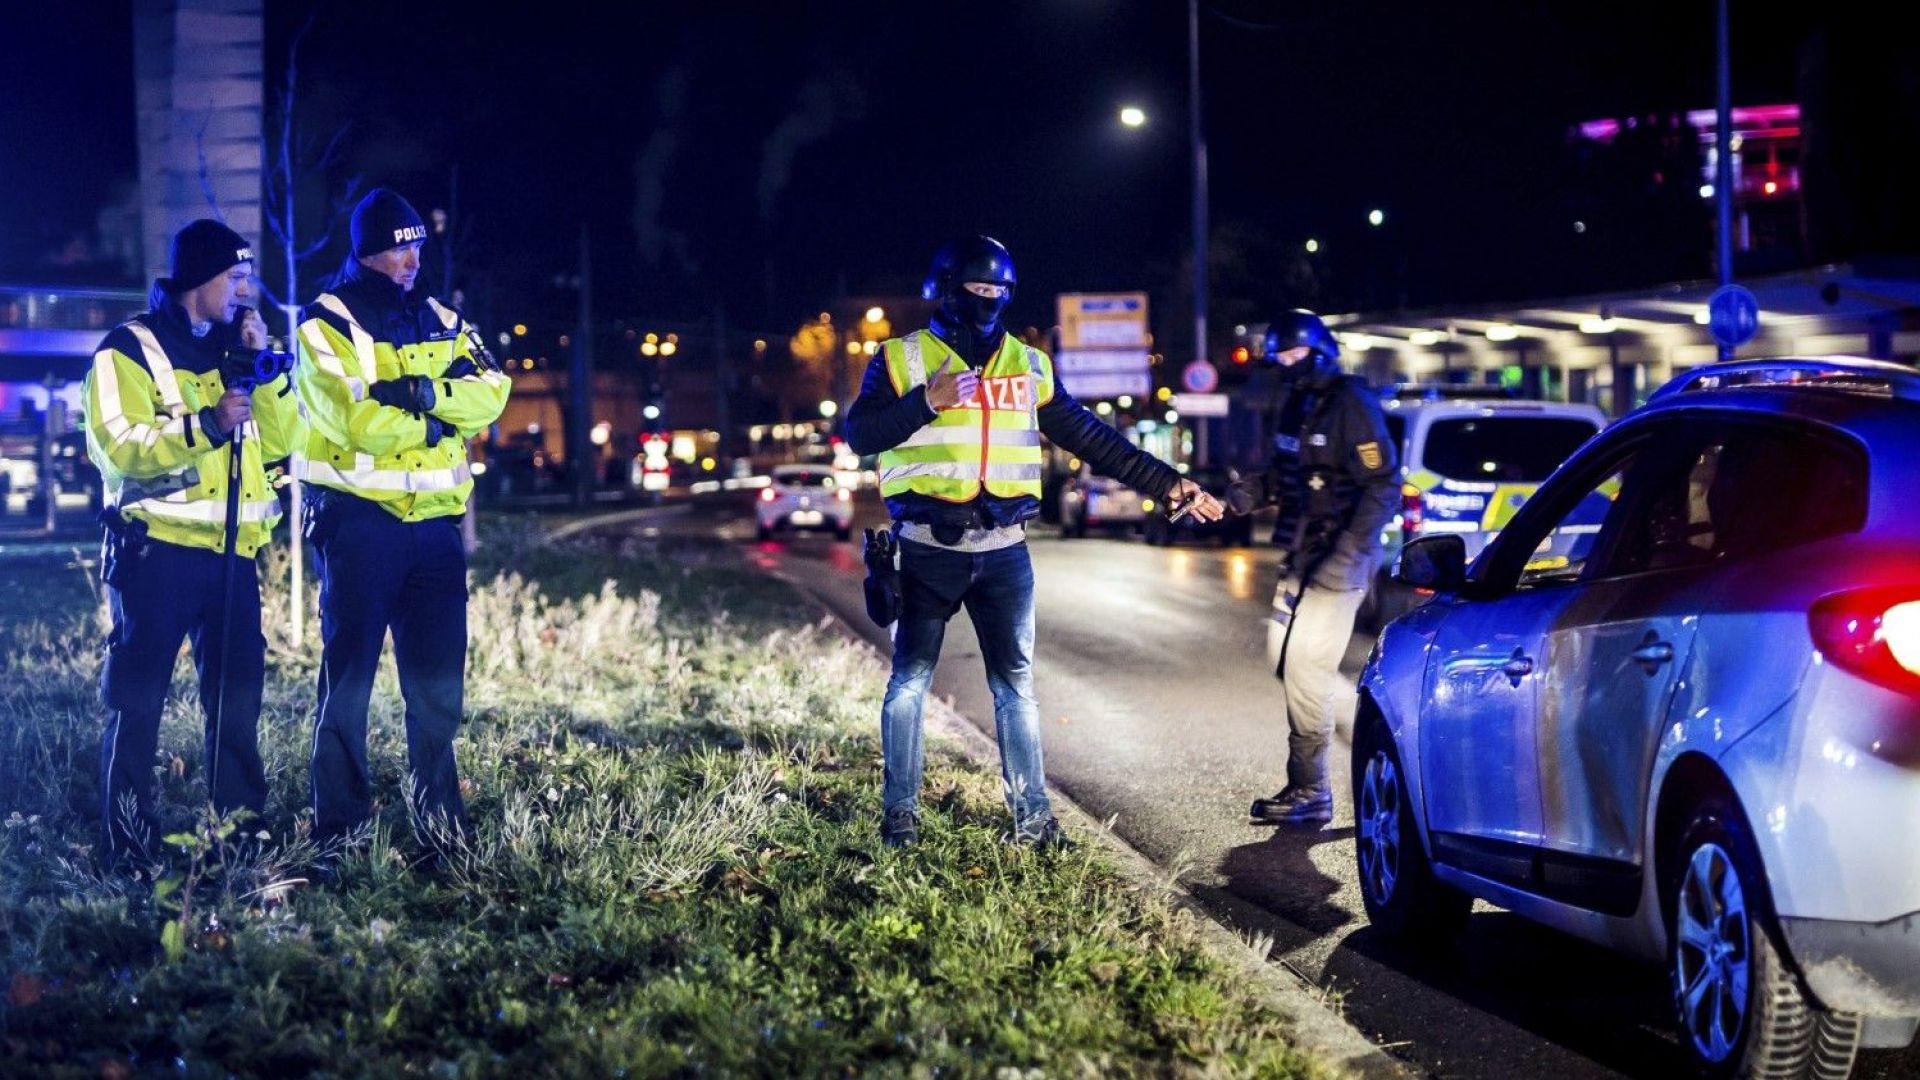 Барман, преживял ужаса в Страсбург: Чуваха се писъци, хората нахълтаха в паника